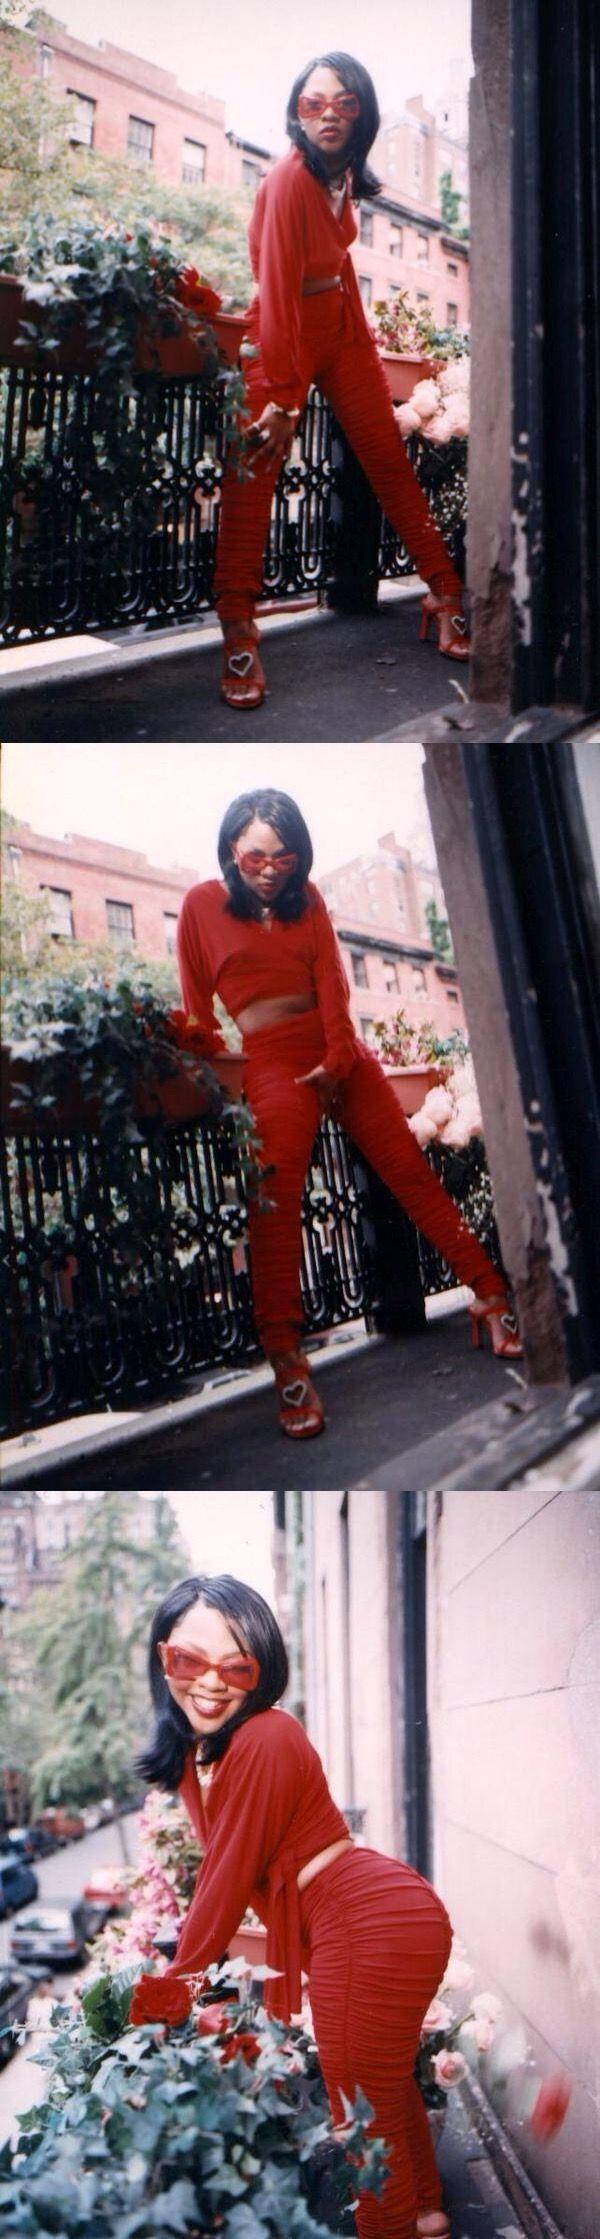 Lil' Kim, 1996                                                                                                                                                                                 More